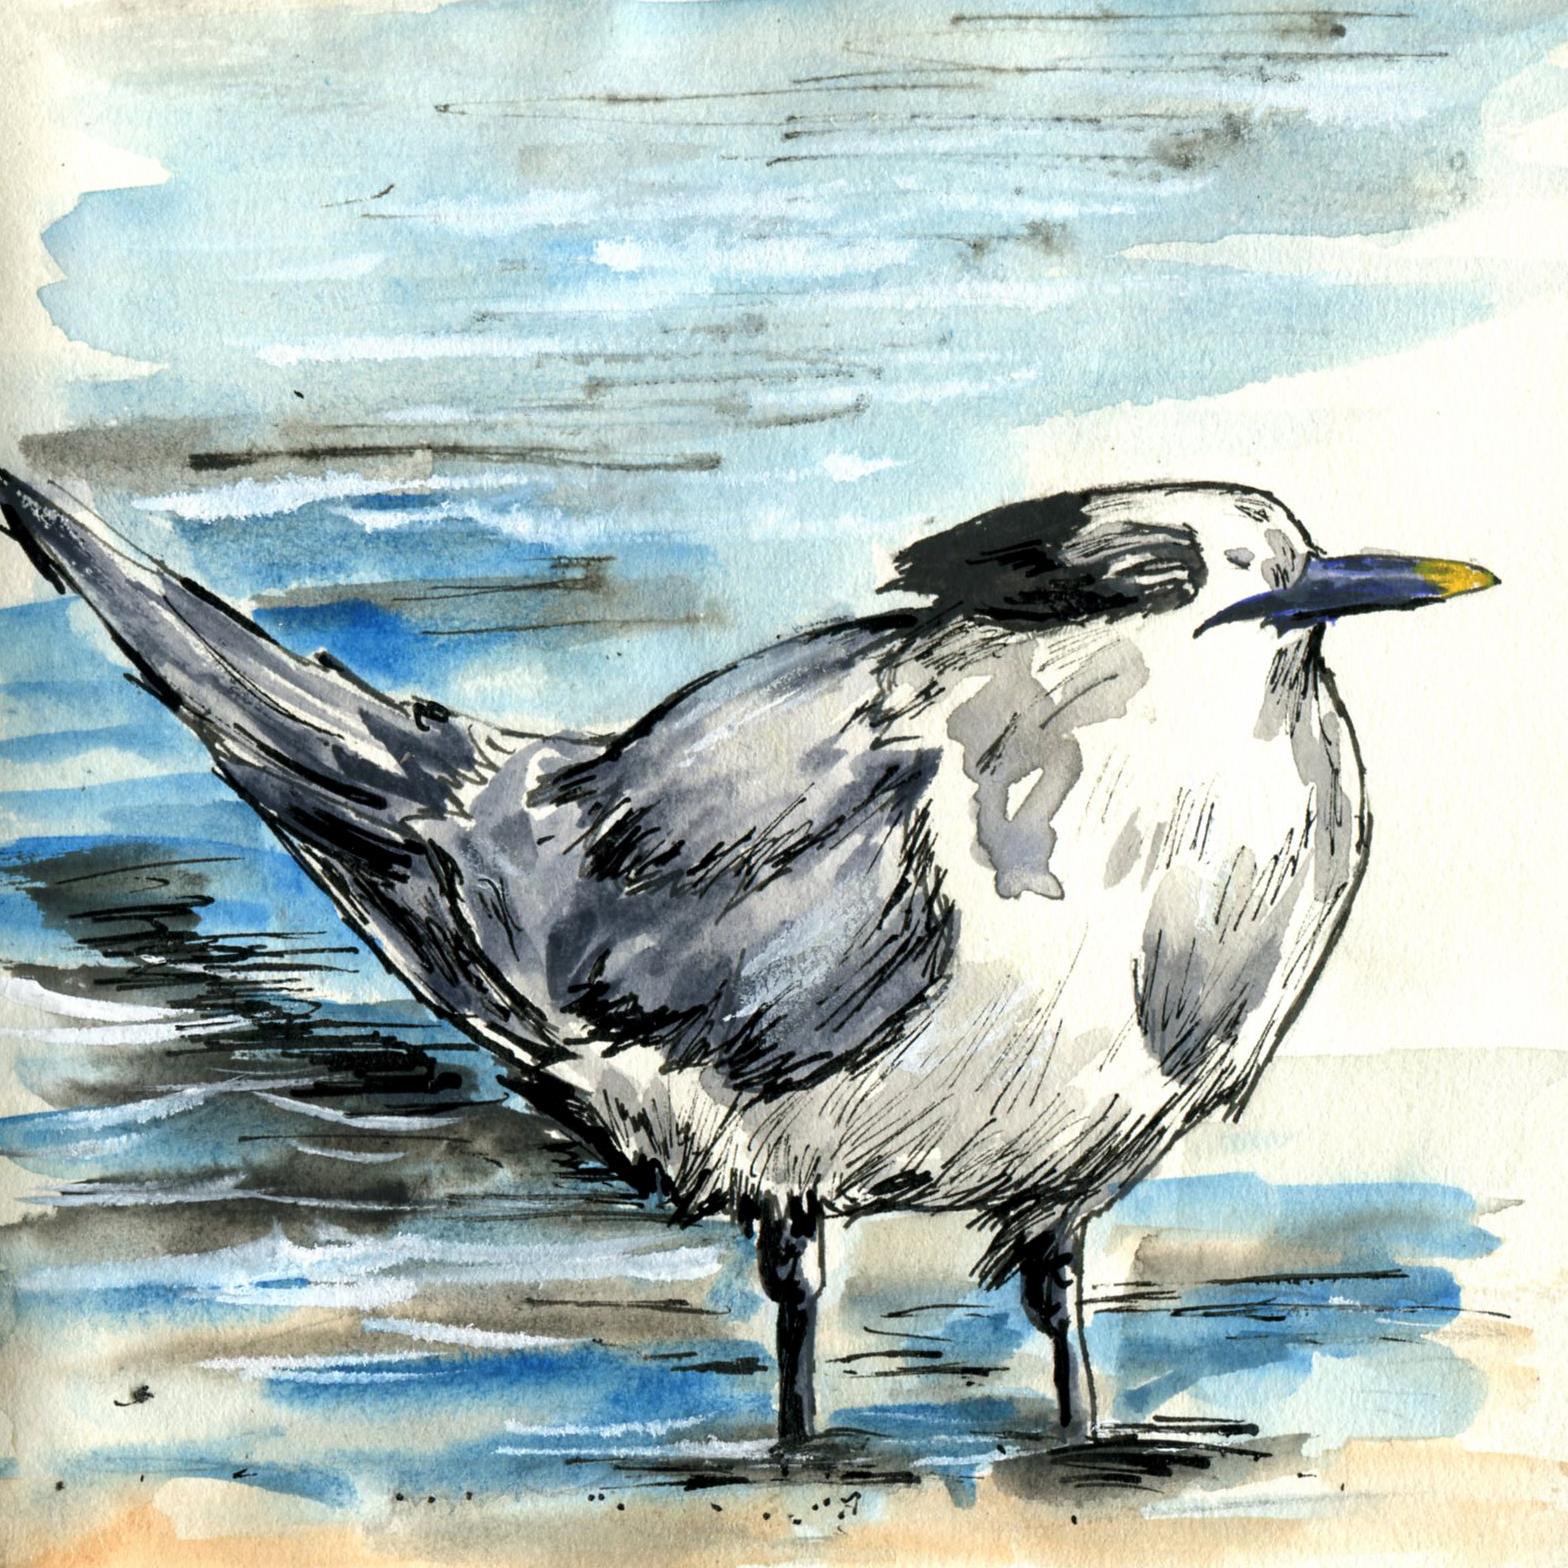 289. Sandwich Tern